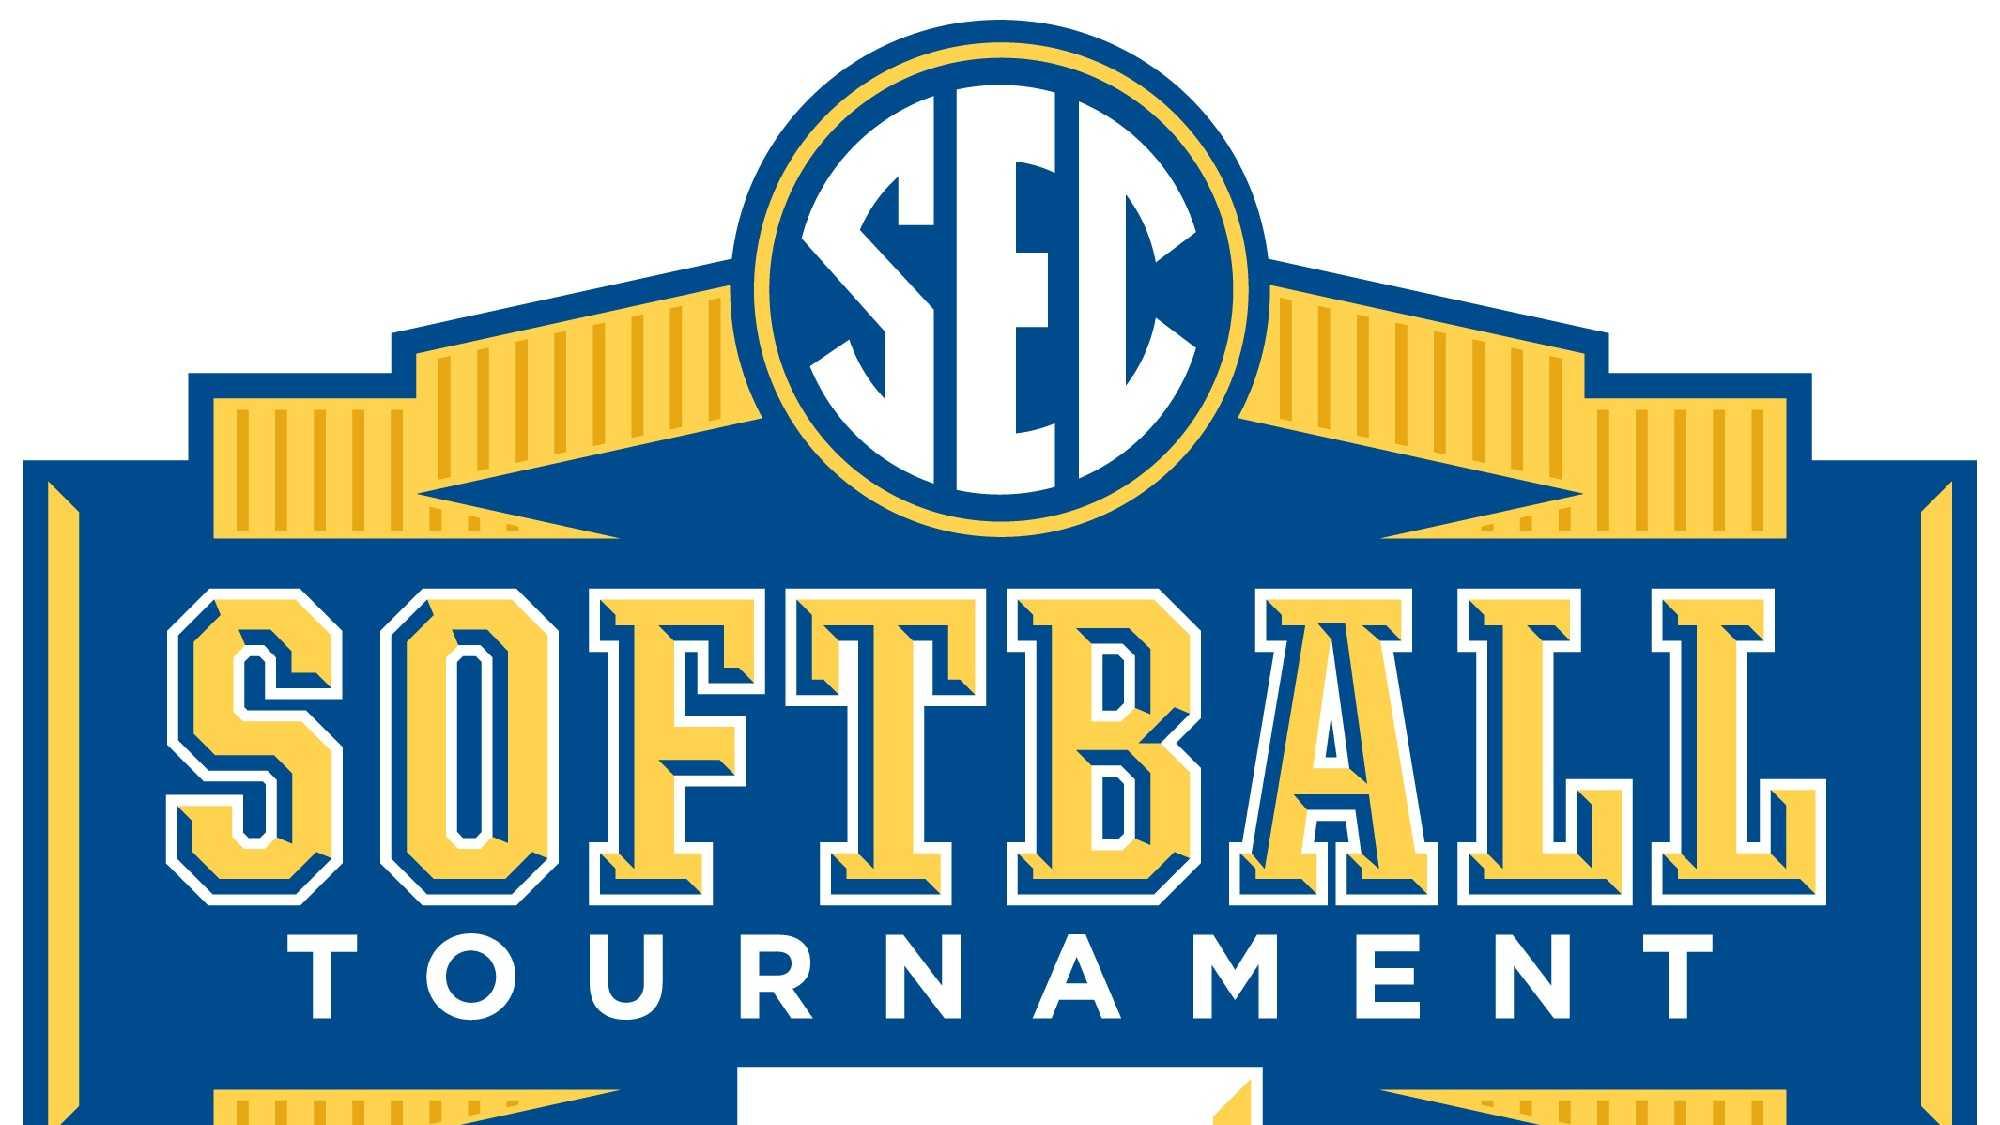 2016 SEC Softball Tournament logo.jpg